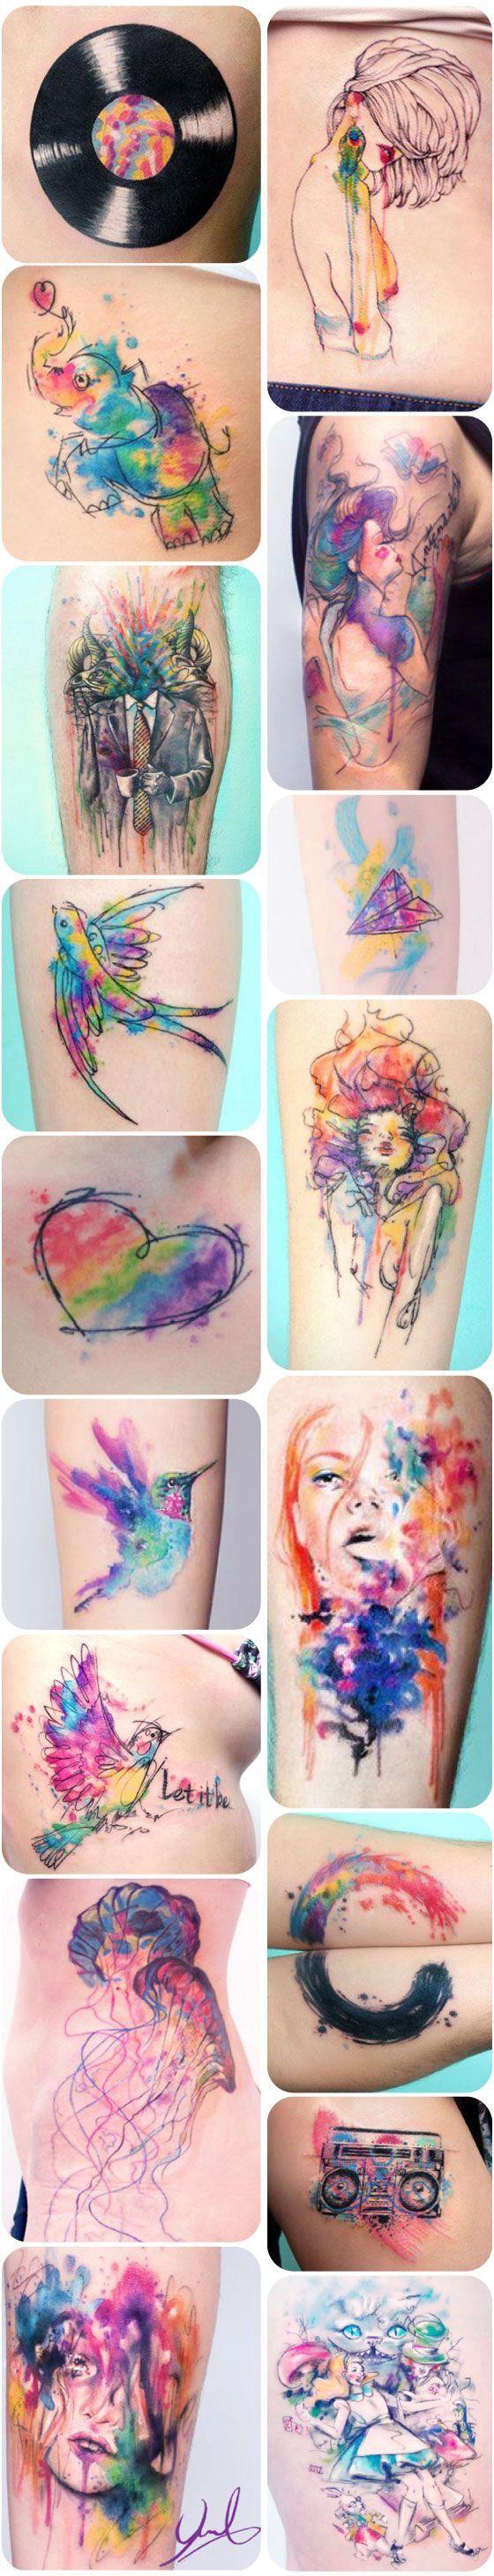 tattoo motive zum verlieben k rperschmuck f r die ewigkeit tatoos pinterest tatouage. Black Bedroom Furniture Sets. Home Design Ideas